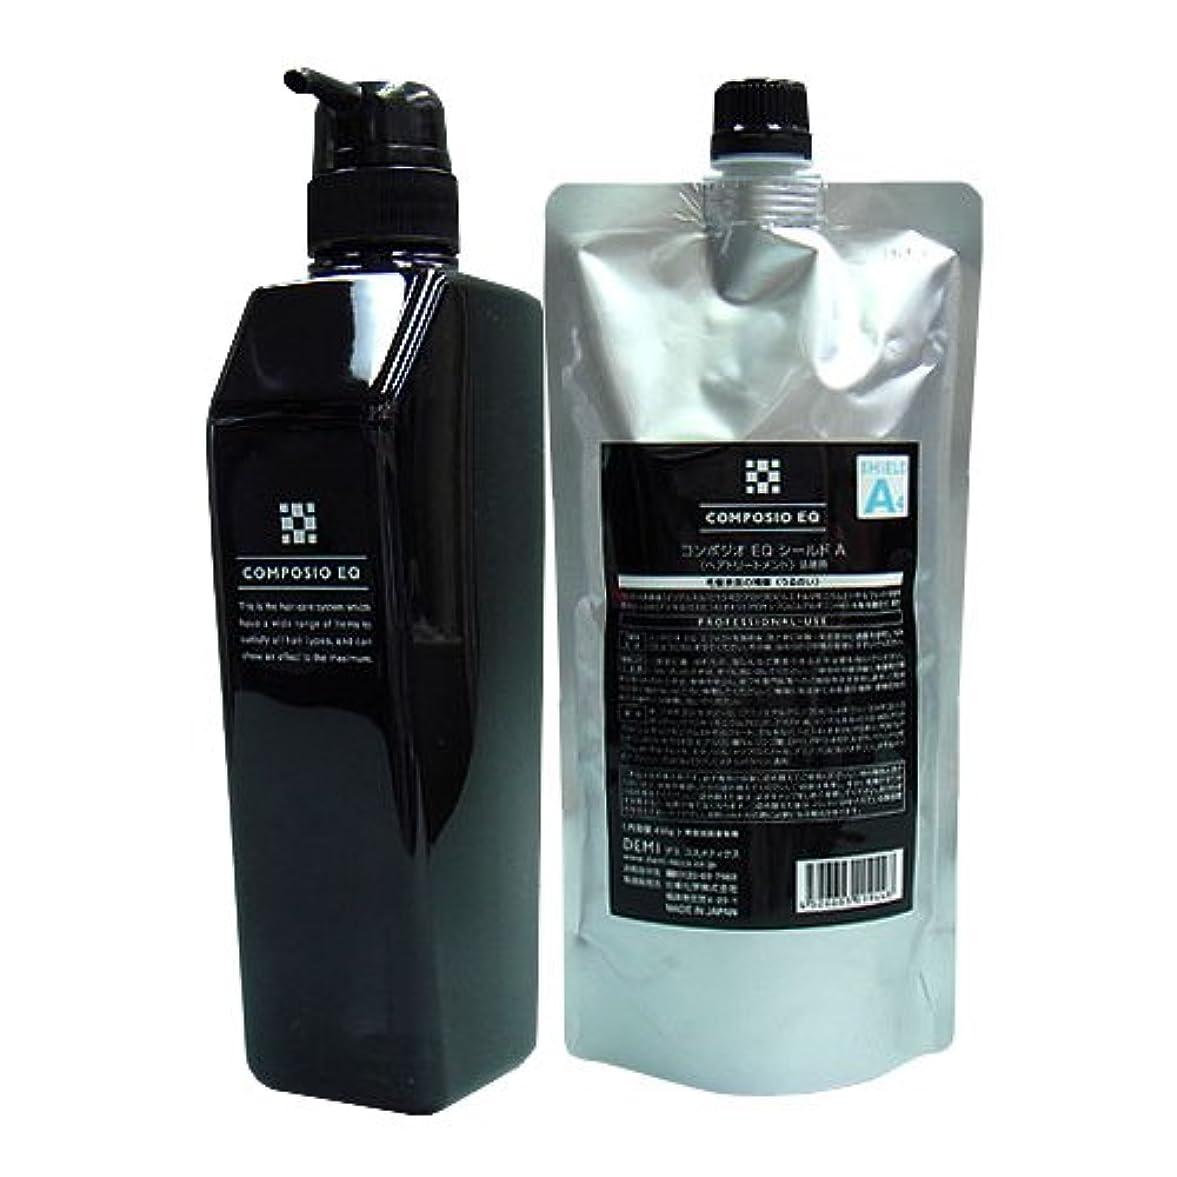 主観的情報地中海デミ コンポジオ EQ シールド A 詰替え ボトルセット うるおいタイプ 450g